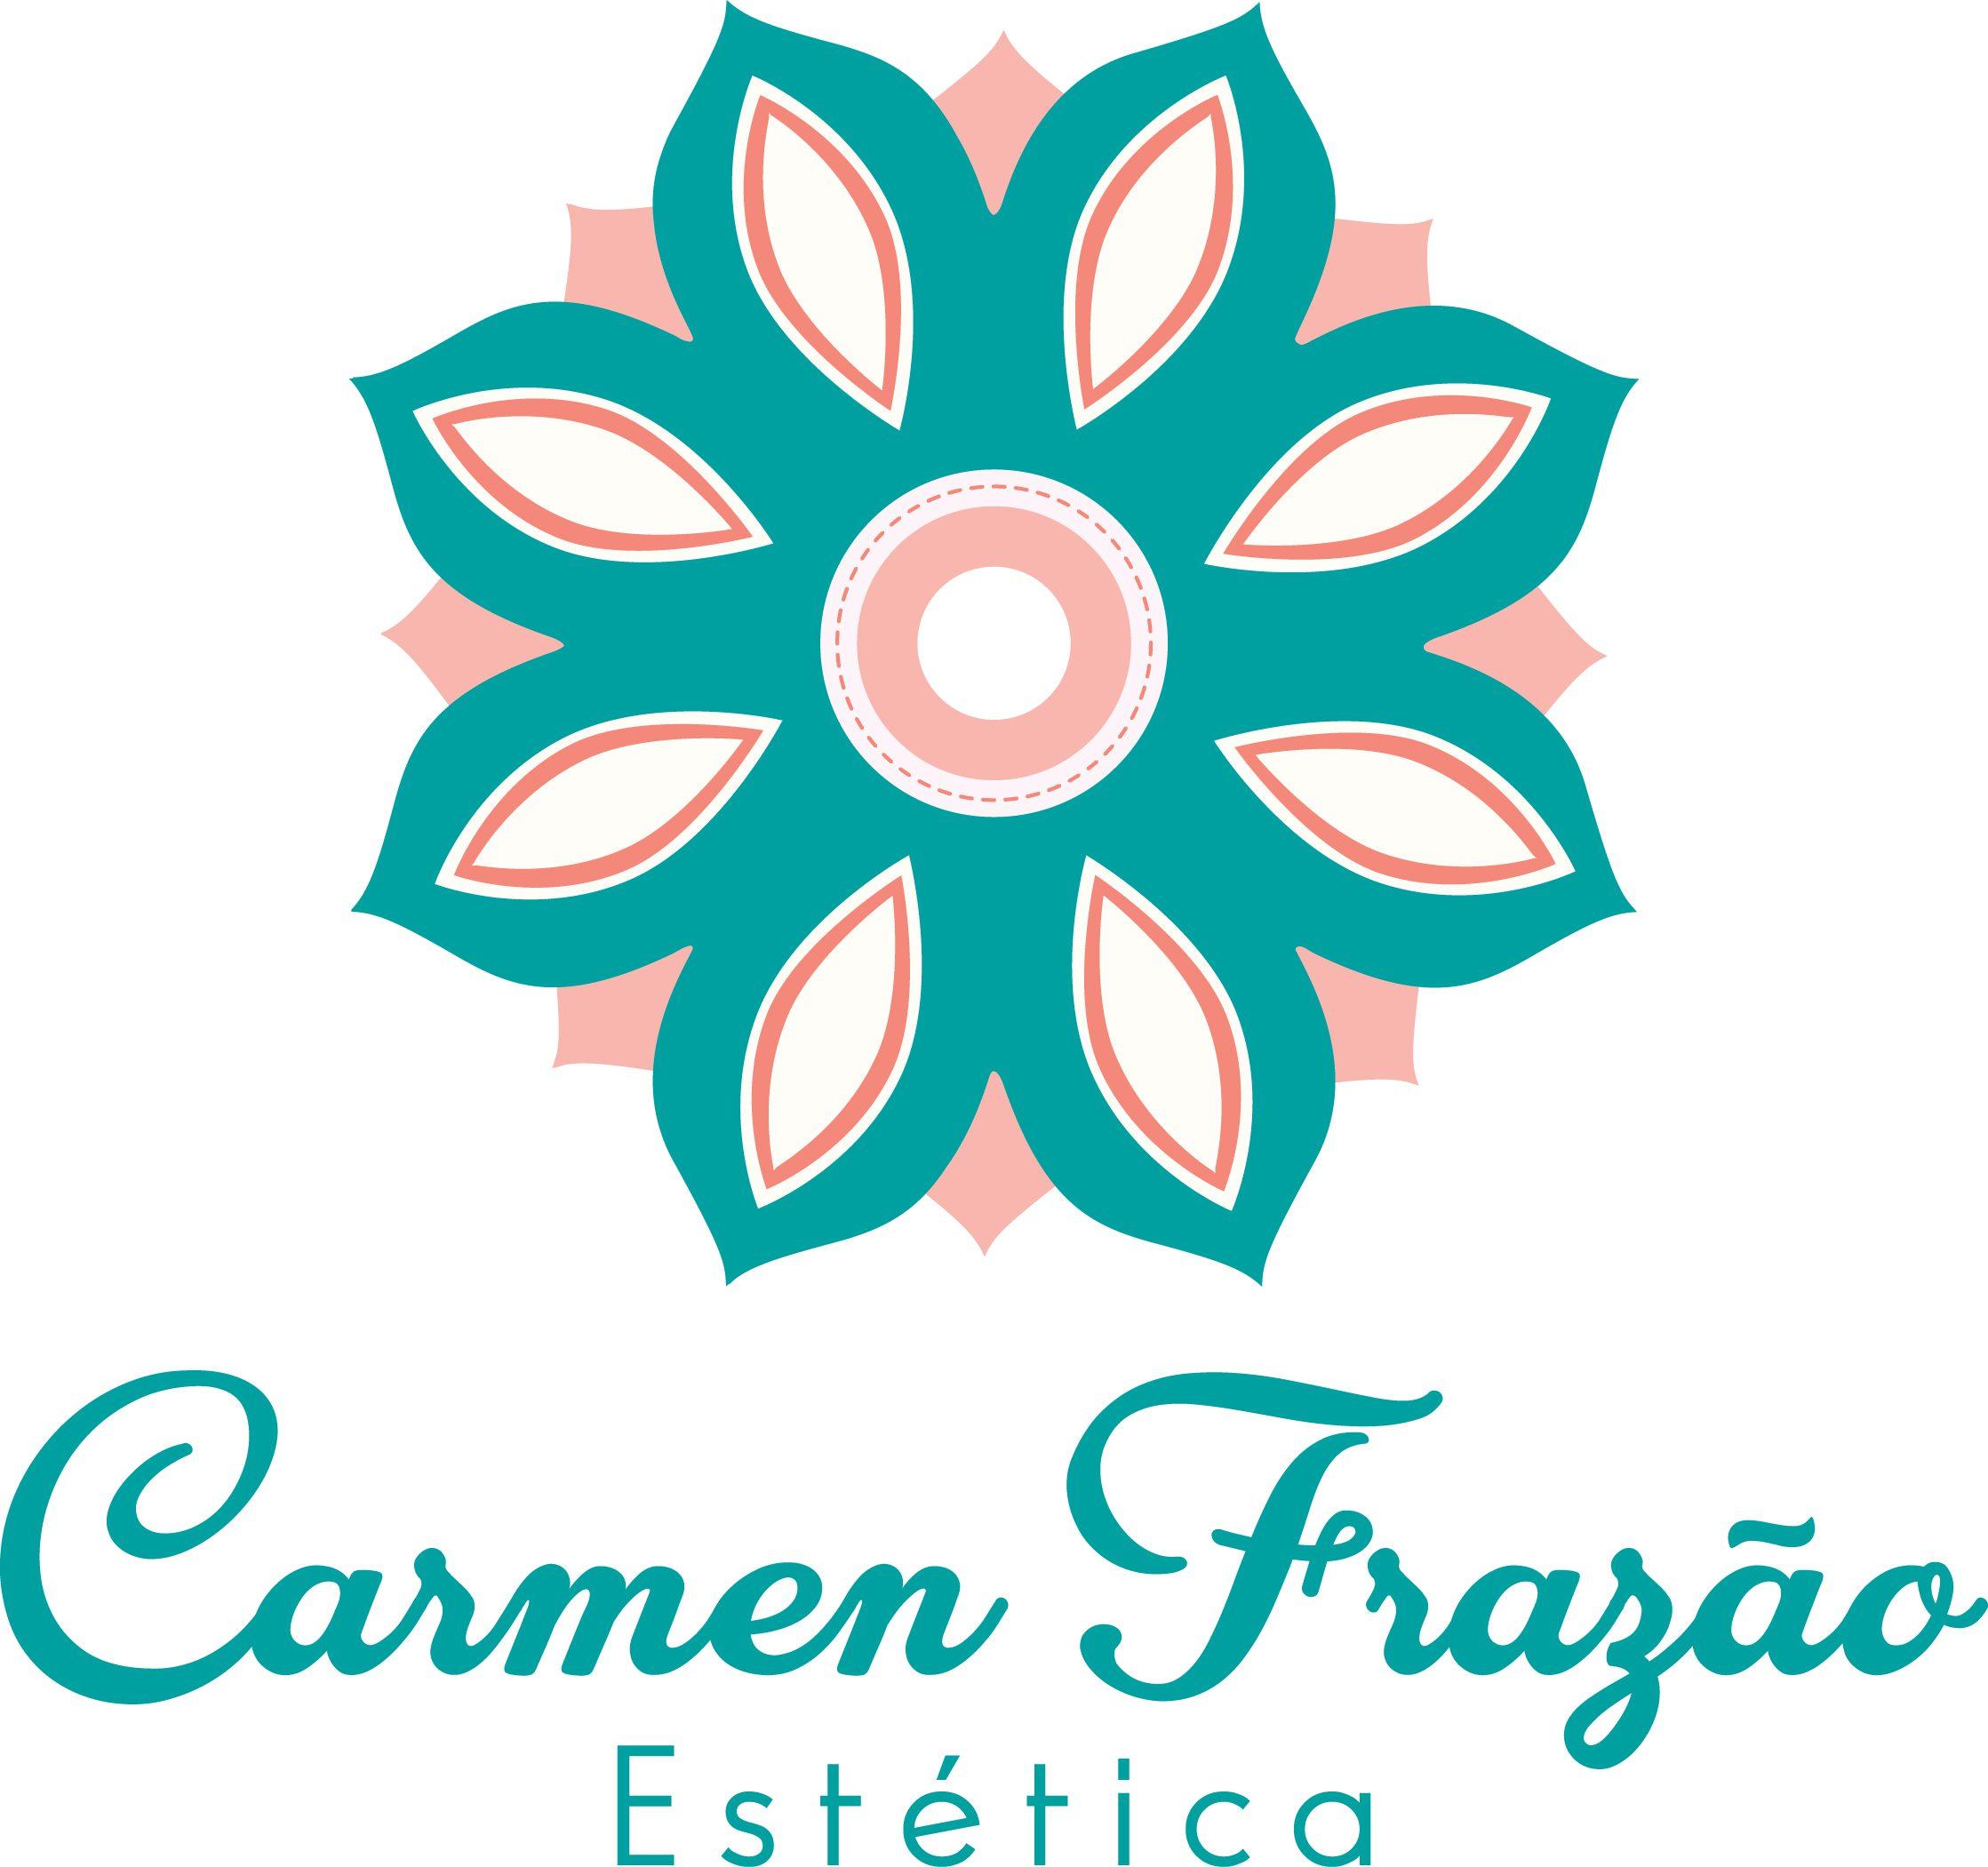 Carmen Frazão – Estética